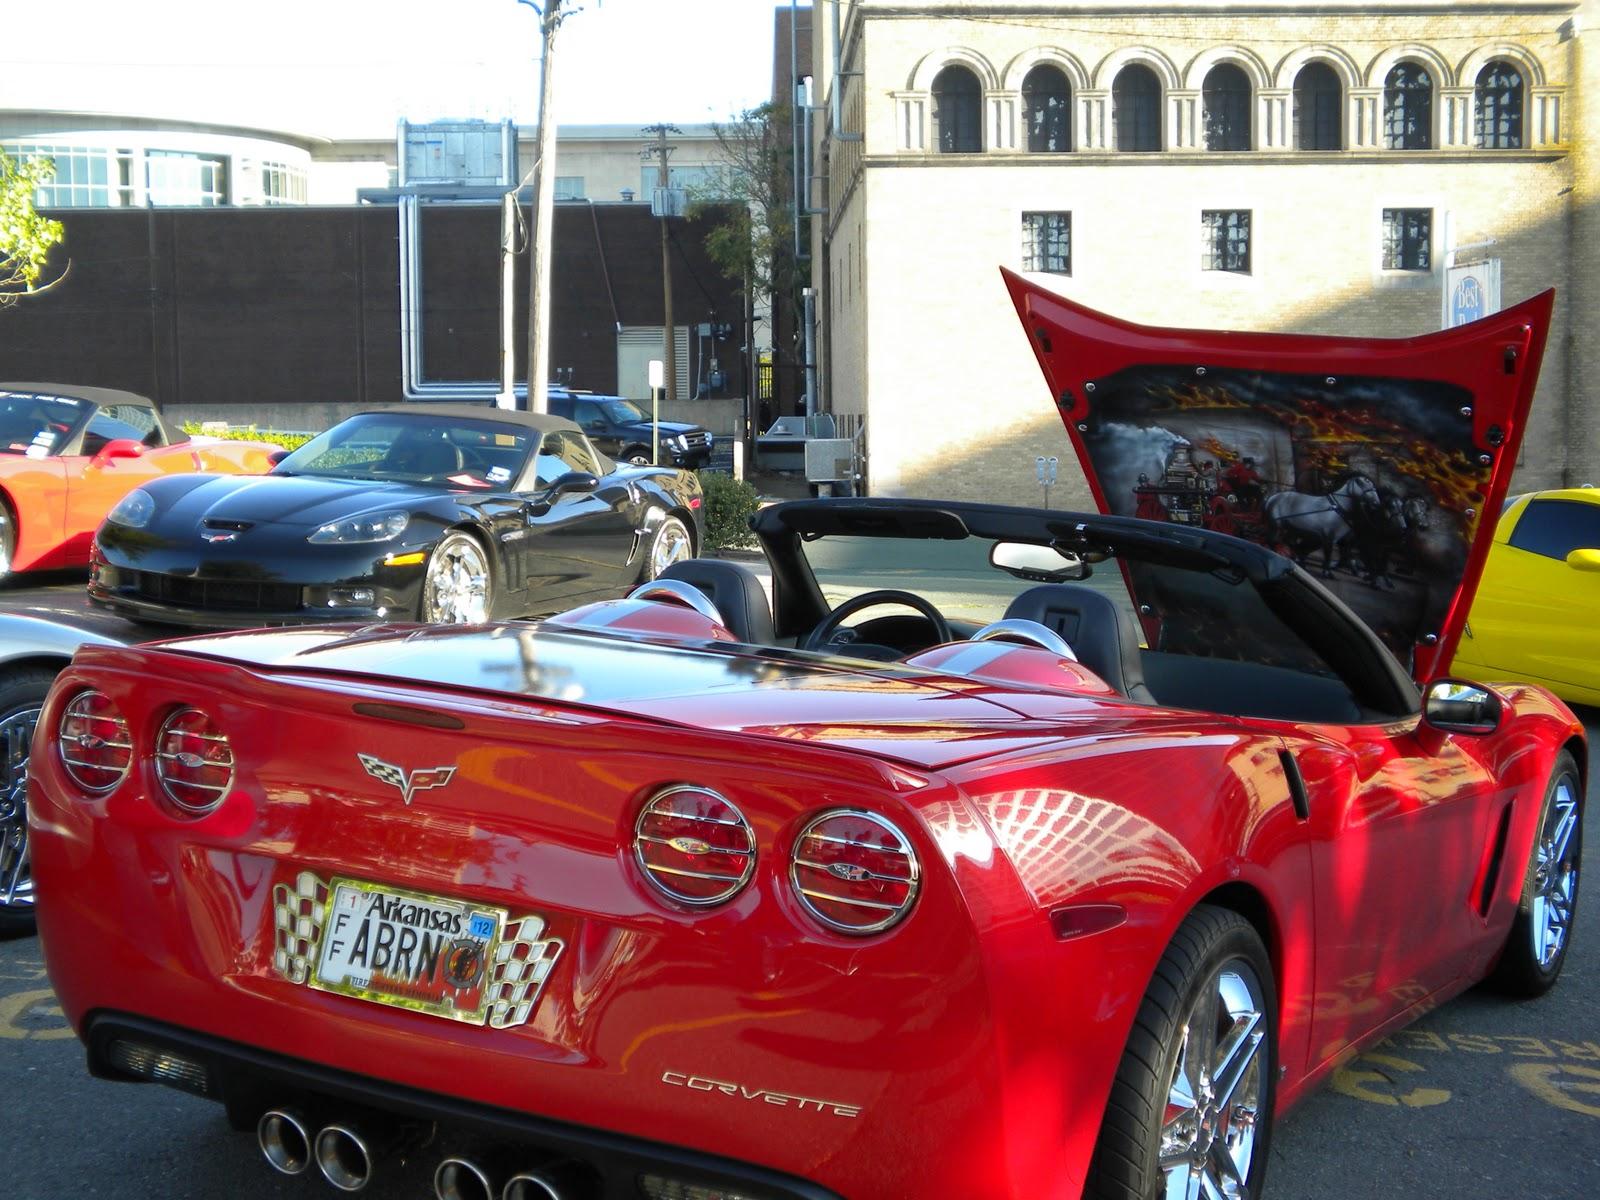 Untouchables Corvette Club Iccc Meeting In Arkansas Oct 2011